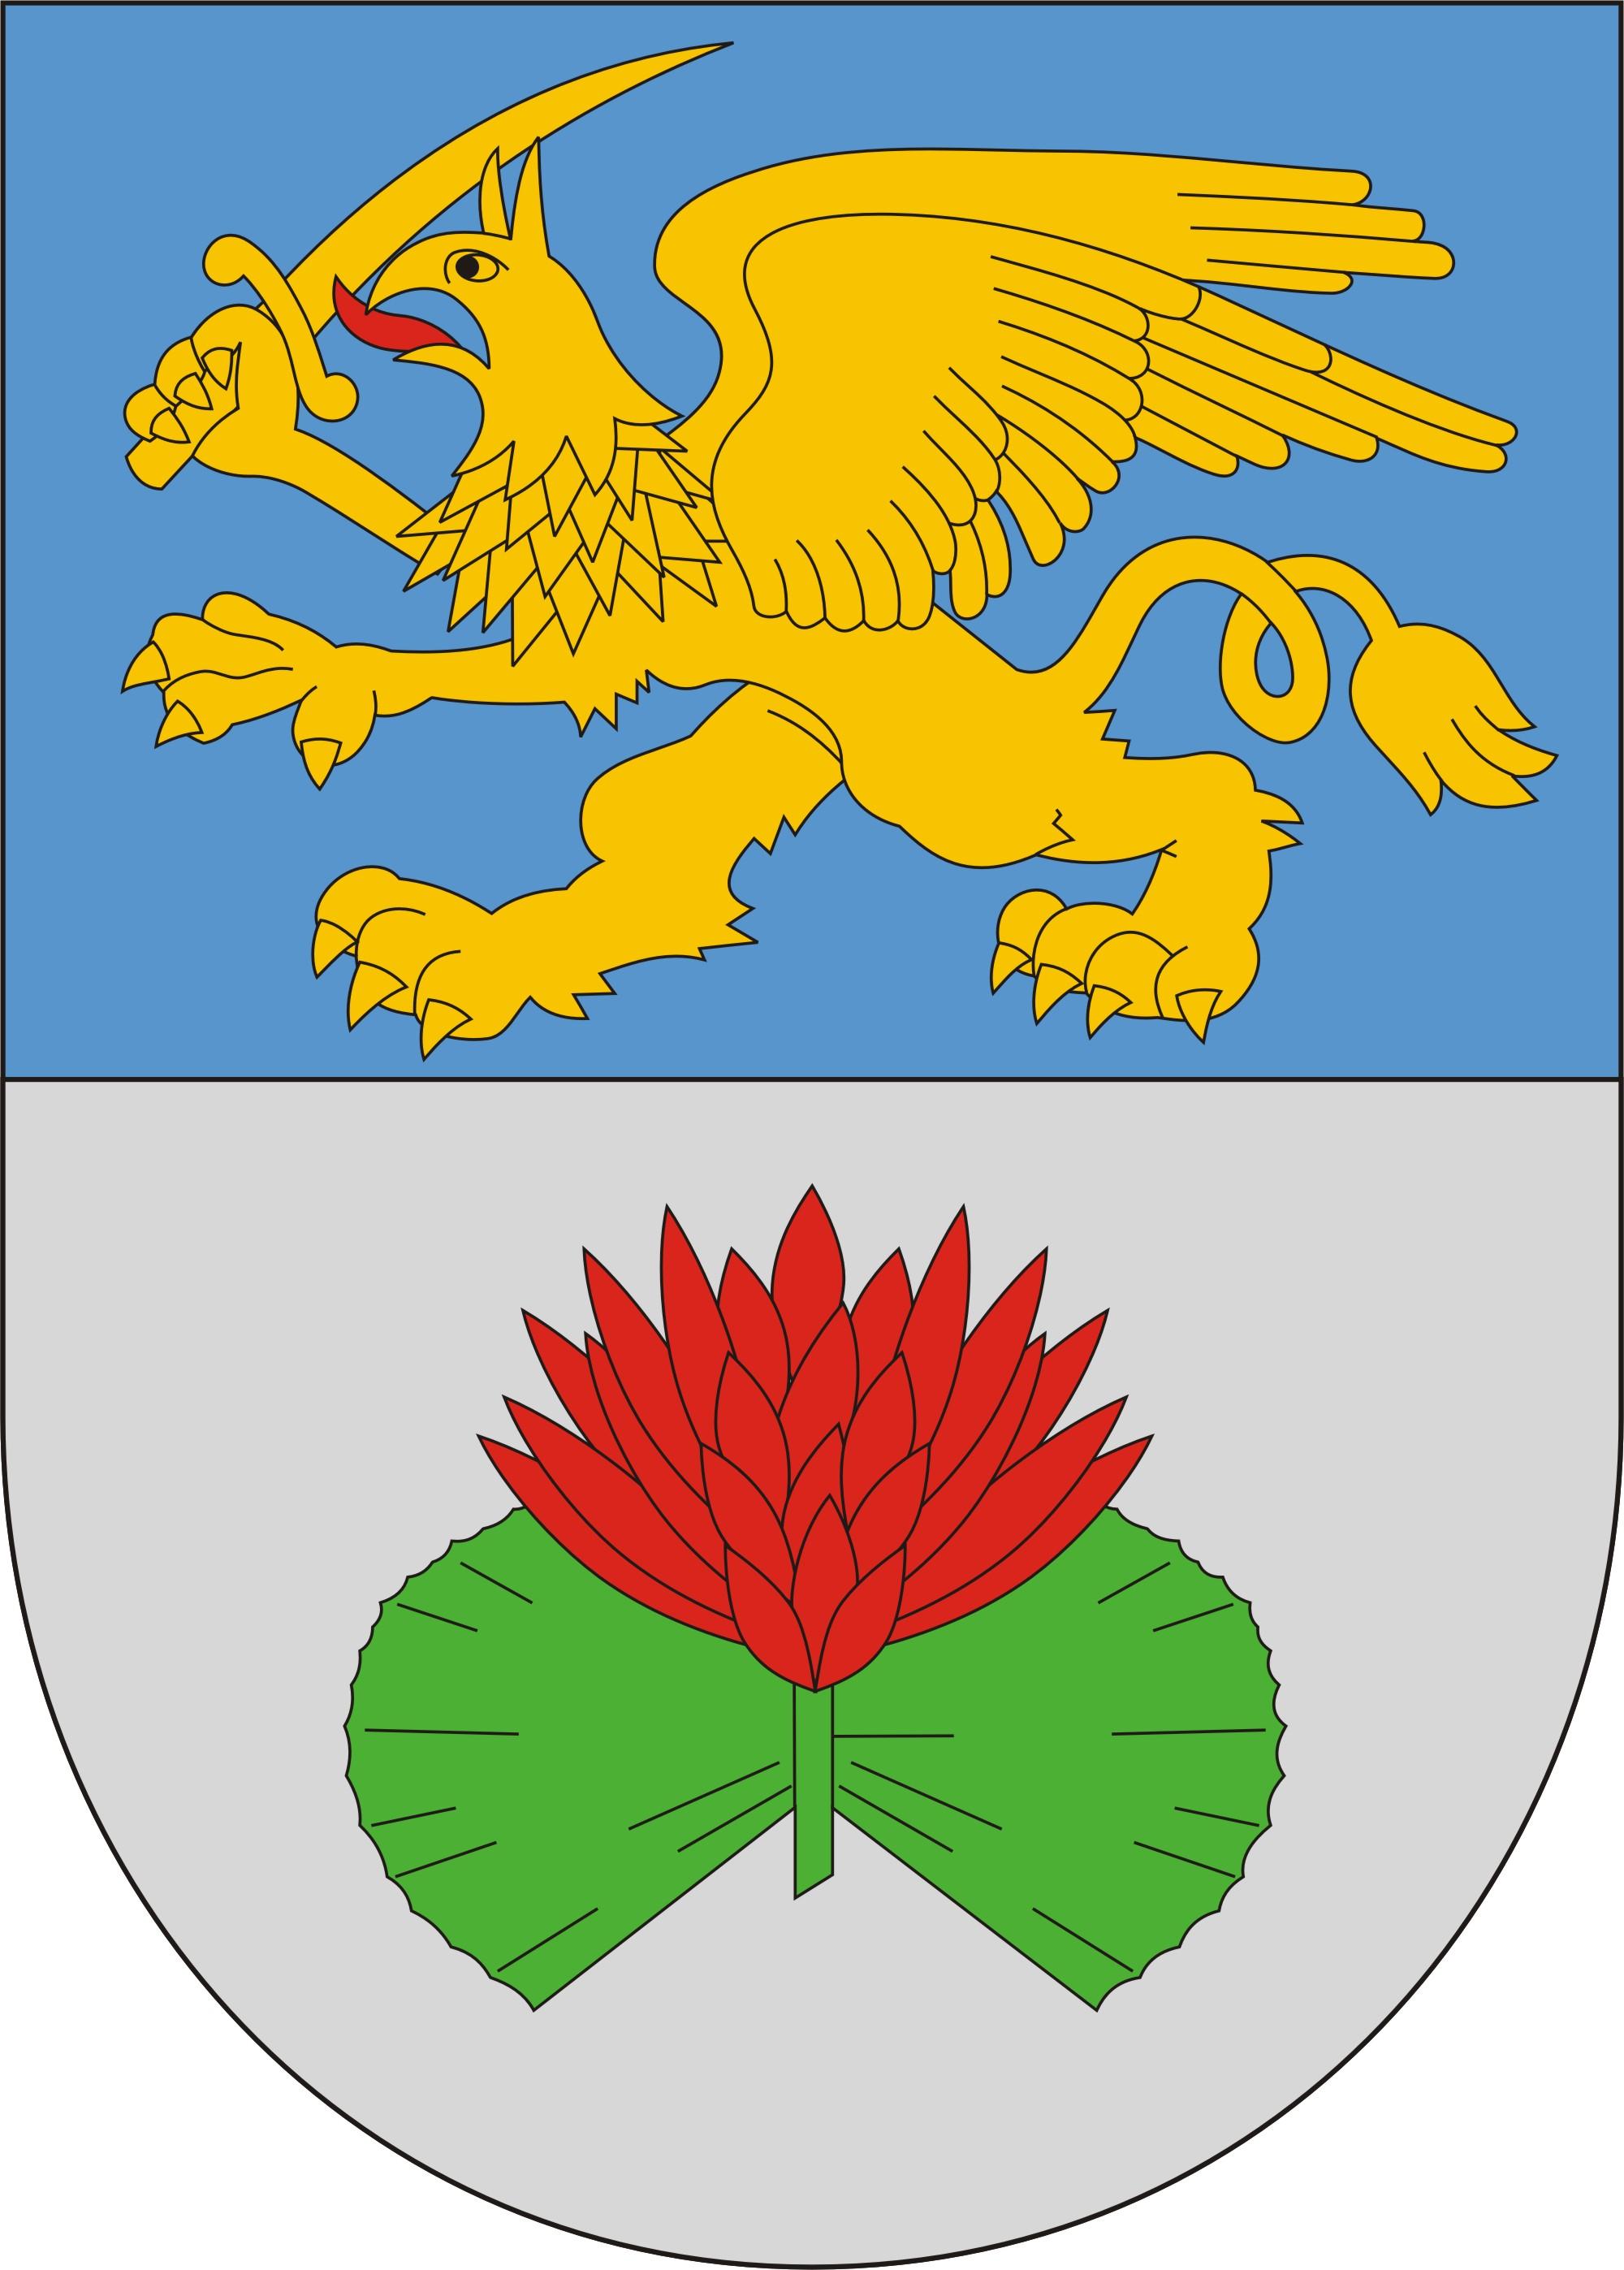 Melyik város szimbólumát ismerheted fel a címeren?